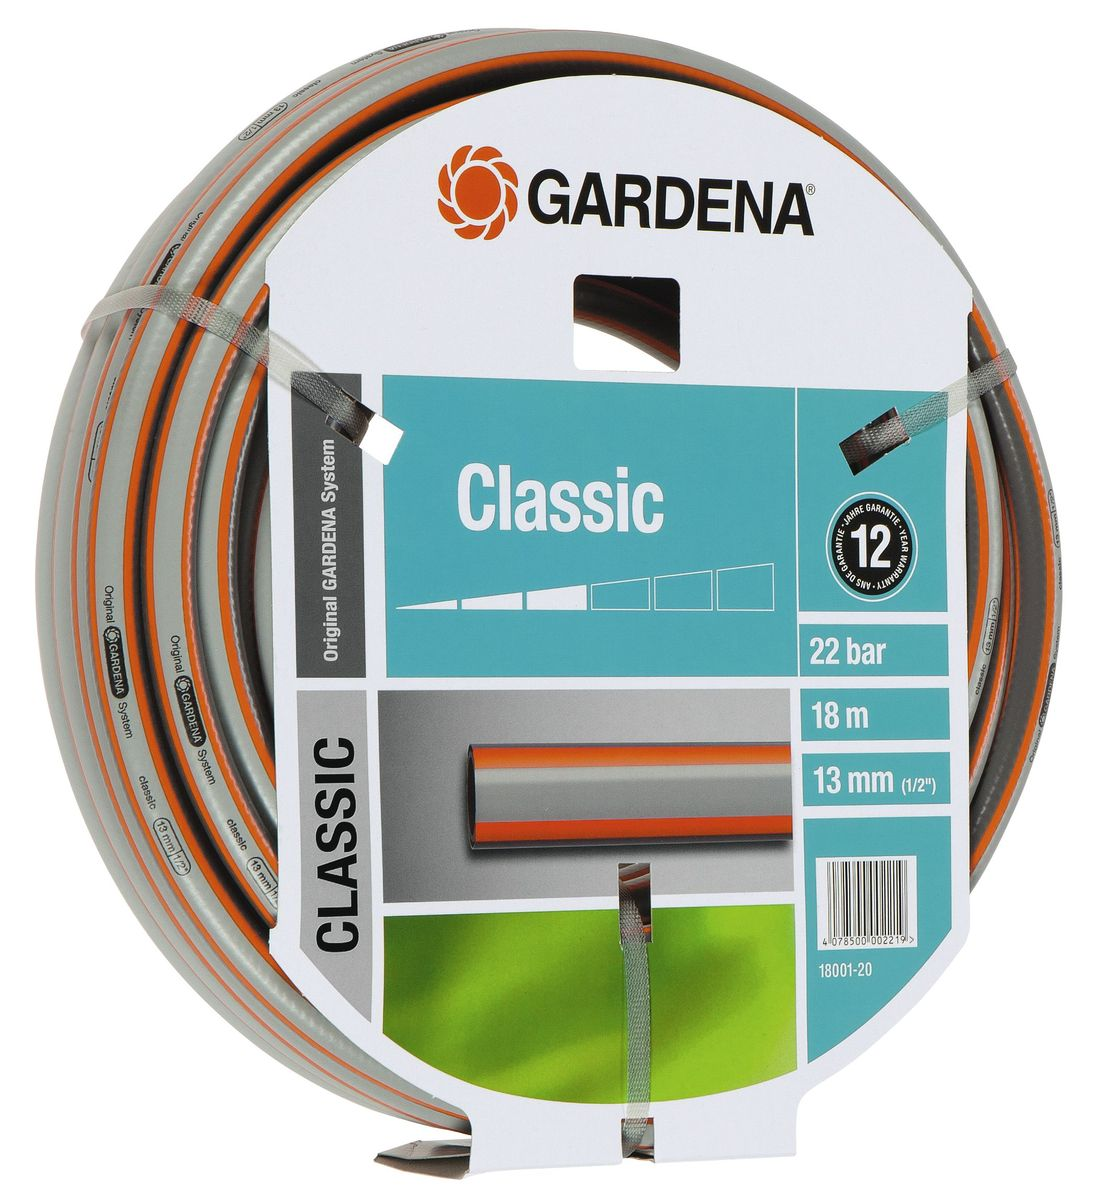 Шланг Gardena Classic, 13 мм (1/2) х 18 м18001-20.000.00Шланг Gardena Classic, прекрасно сохраняет свою форму благодаря высококачественному текстильному армированию, отсутствуют фталаты и тяжелые металлы, невосприимчив к УФ-излучению. Шланг не перегибается, не спутывается, не перекручивается, благодаря спиралевидному текстильному армированию, усиленному углеродными волокнами. Шланг Gardena Classic оптимально сочетается с компонентами базовой системы полива. Идеально подходит для умеренной интенсивности использования. Шланг Gardena Classic выполнен из высококачественного ПВХ и выдерживает давление до 22 бар. Толстые стенки шланга и высококачественные материалы обеспечивают длительный срок службы.